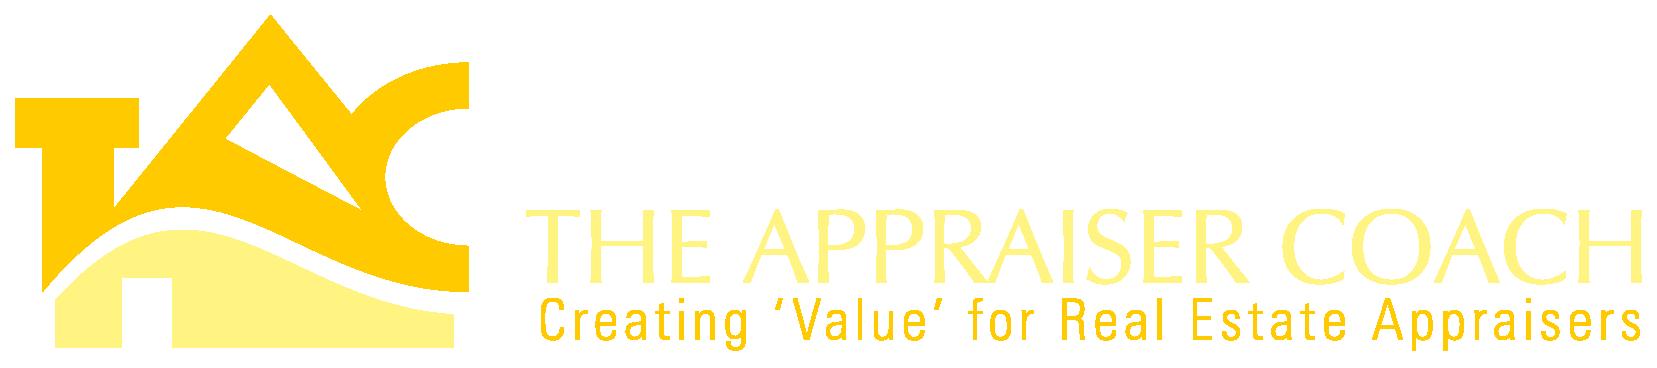 The Appraiser Coach